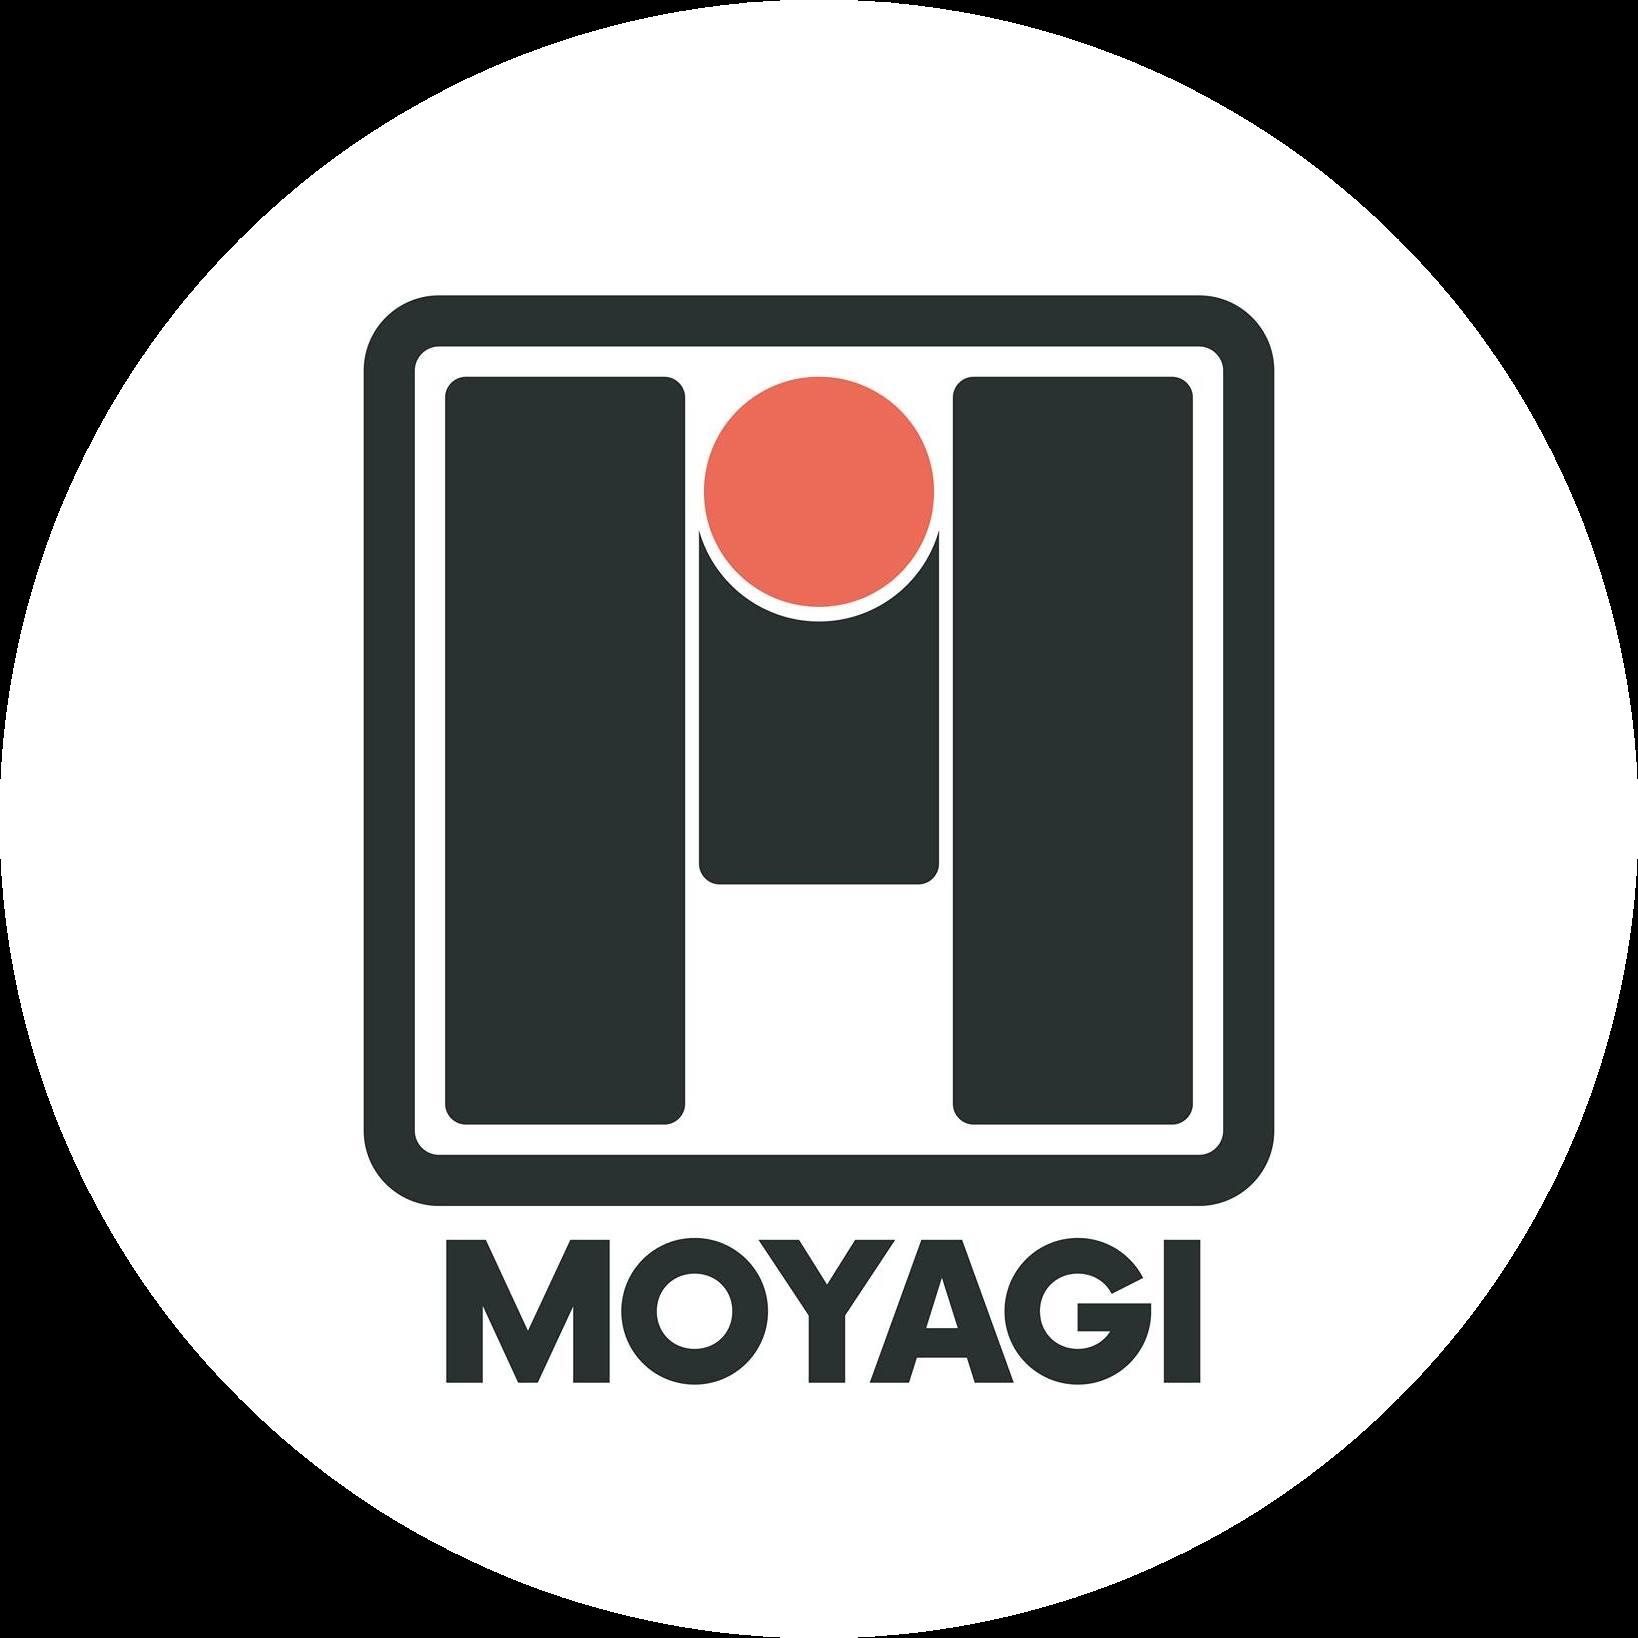 MOYAGI®